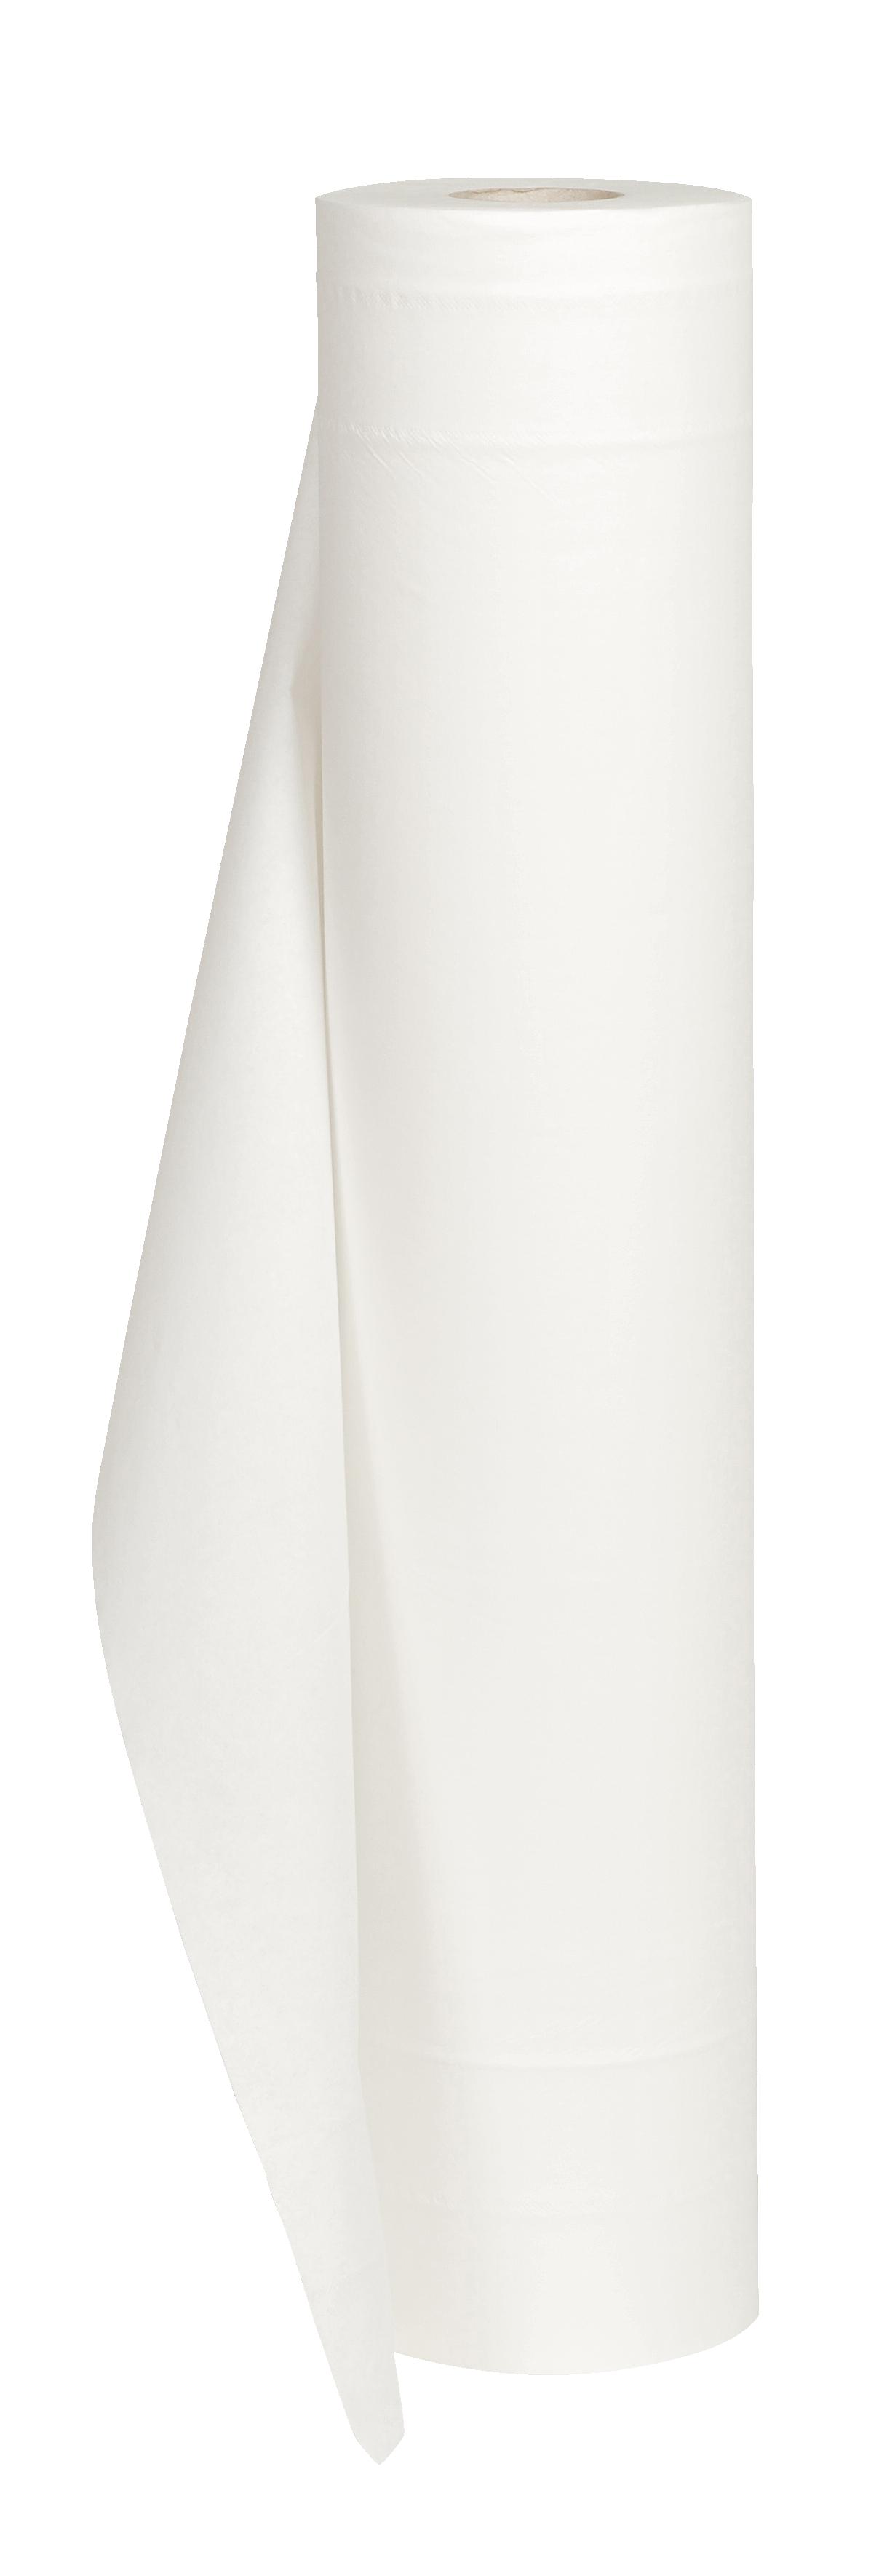 Wickelunterlage Zellstoff, perforiert, weiß, 2-lg., 9 Rollen, 59 cm x 50 m